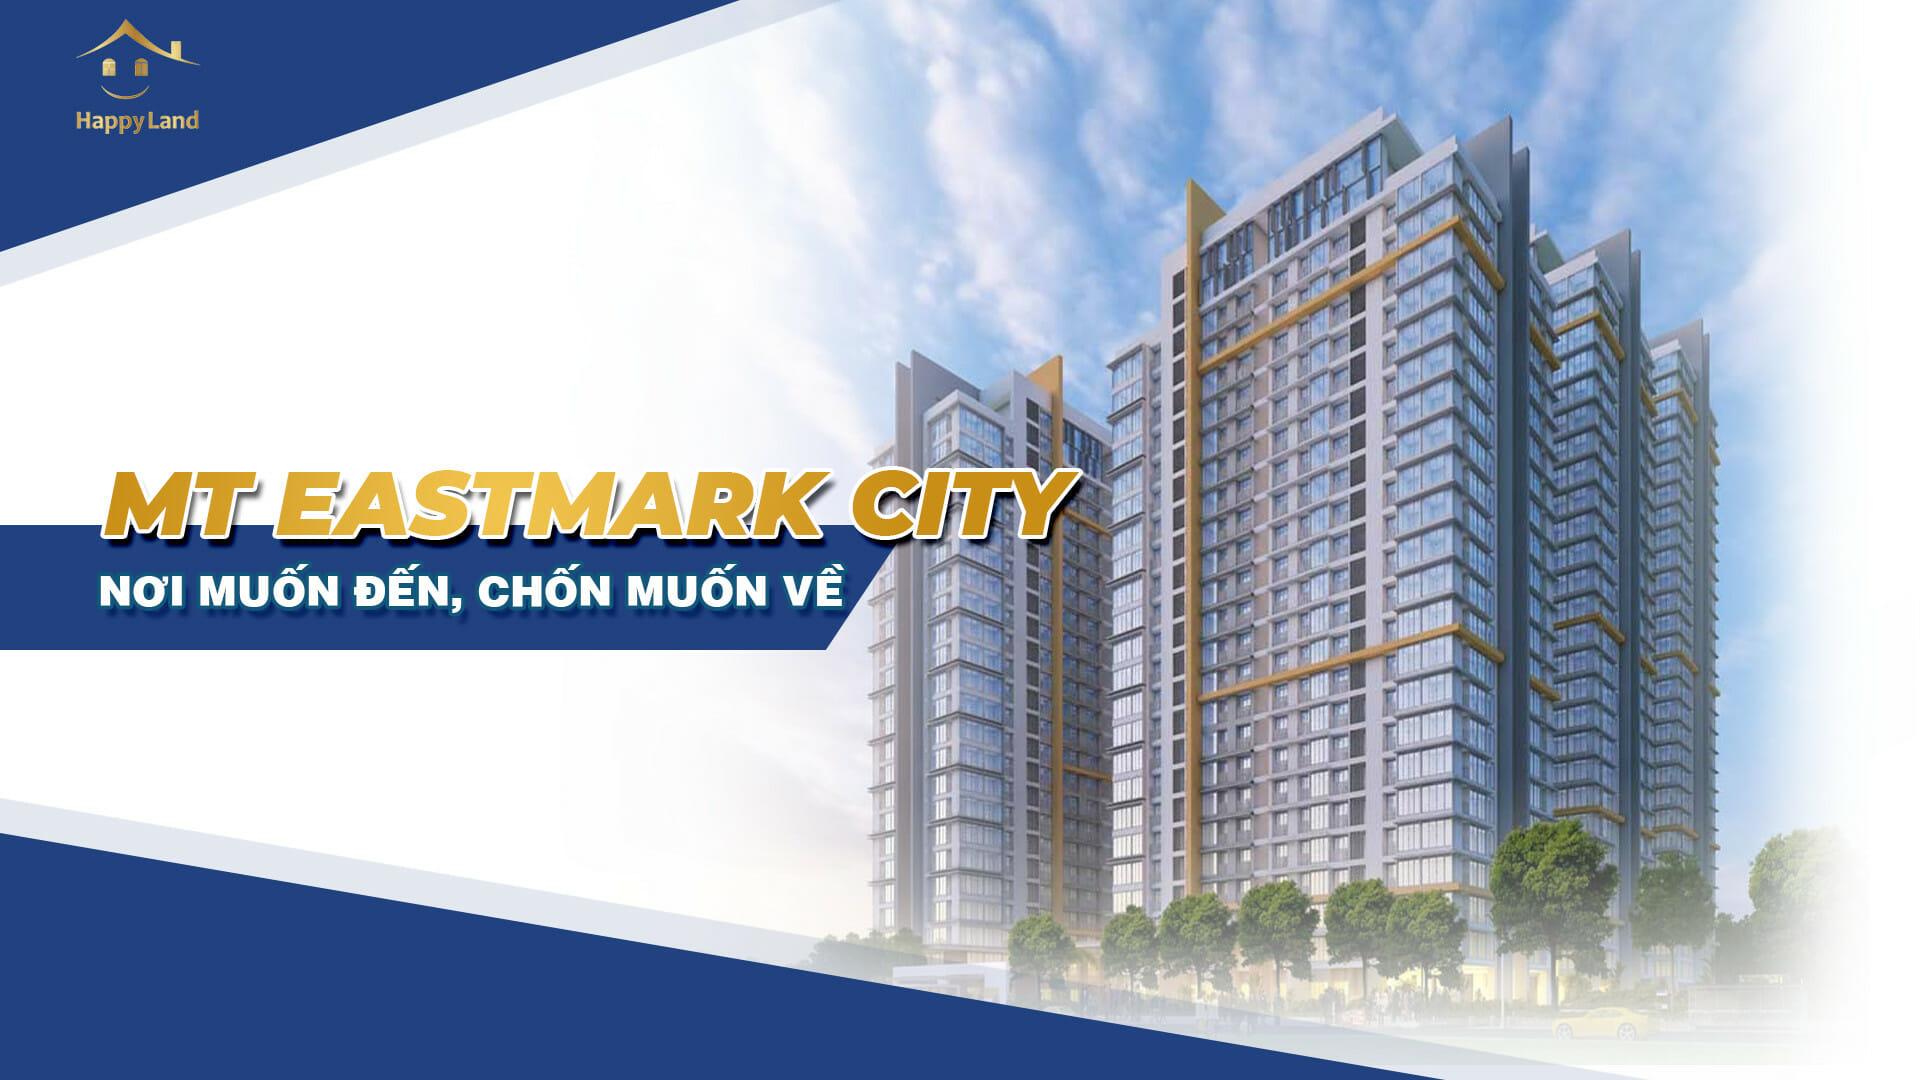 Dự án MT Eastmark City sở hữu vị trí đẹp, căn hộ có diện tích lý tưởng và đa dạng về diện tích từ 1-3 phòng ngủ